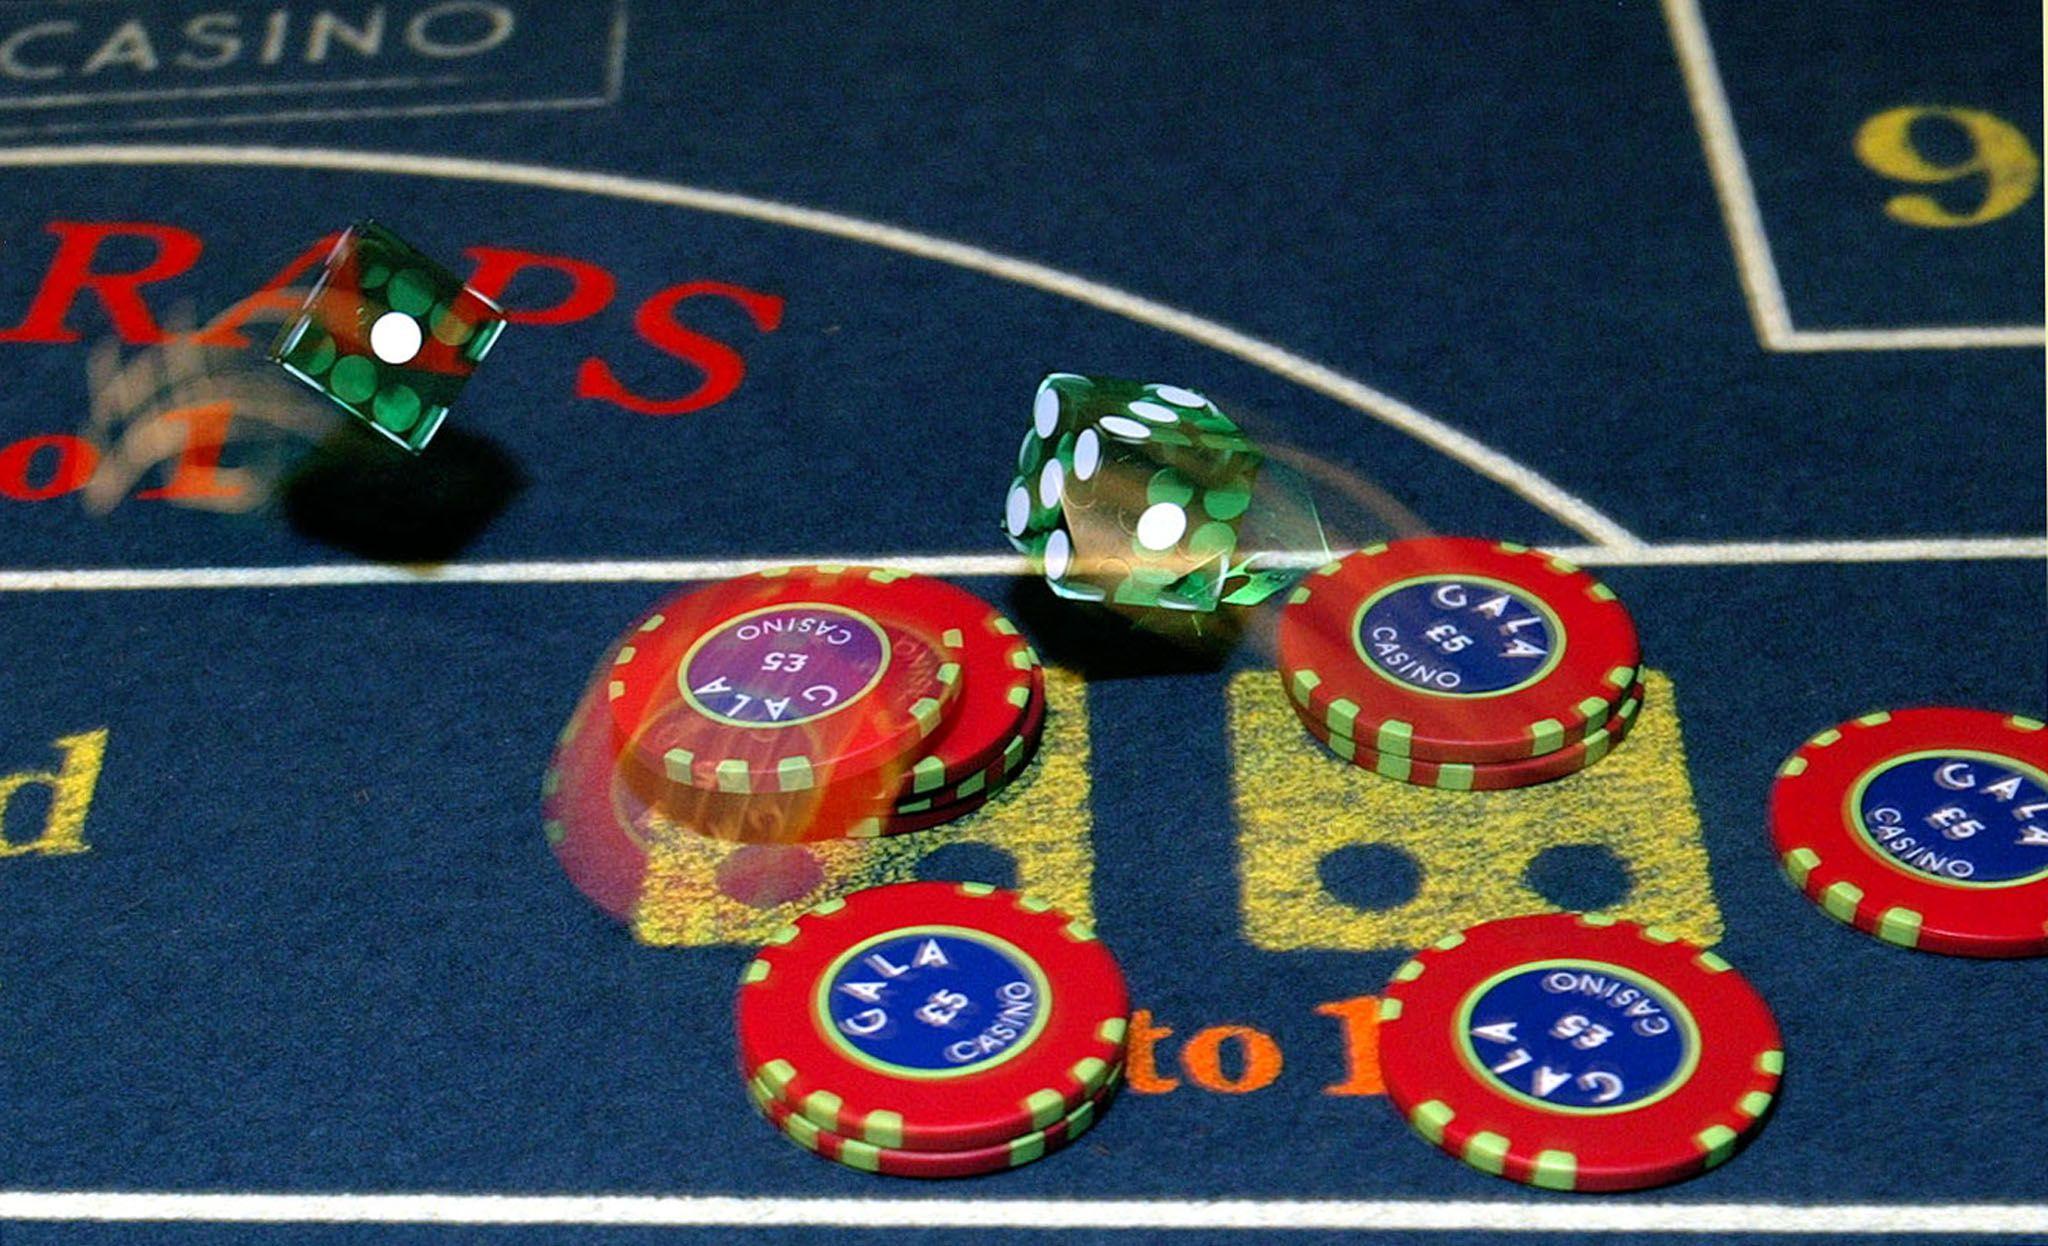 05_19_Gambling_01